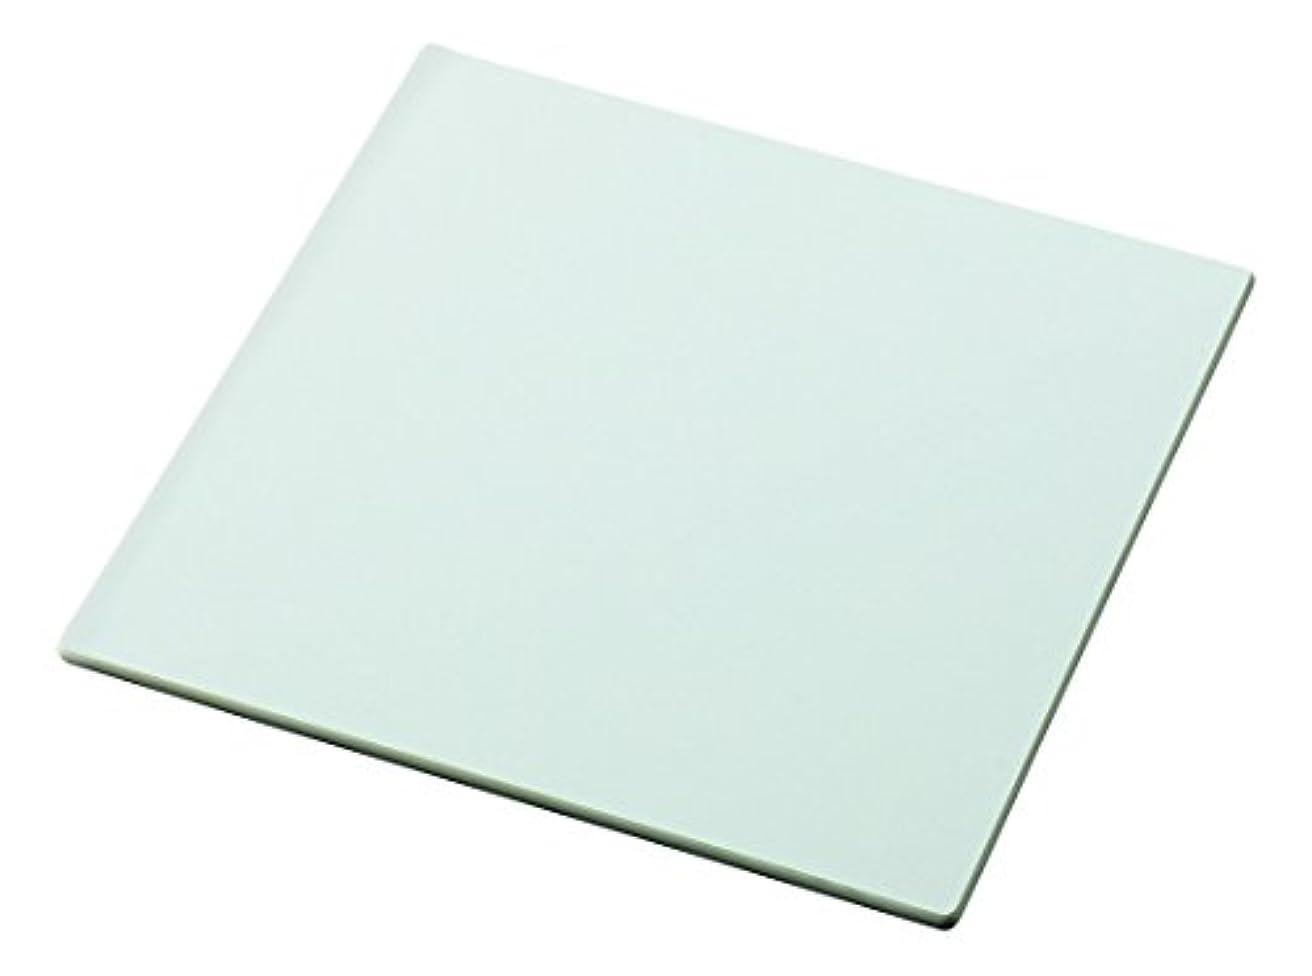 死すべきレンズ革命アズワン セラミックガラス板 ネオセラム N-11